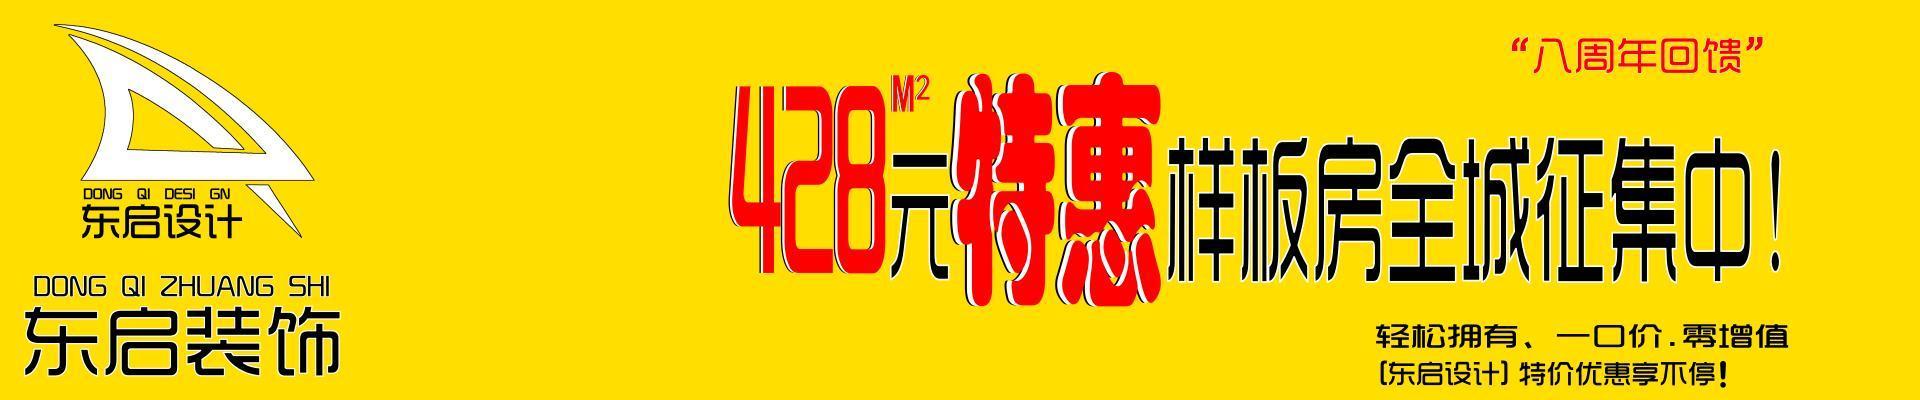 湛江市东启装饰工程有限公司